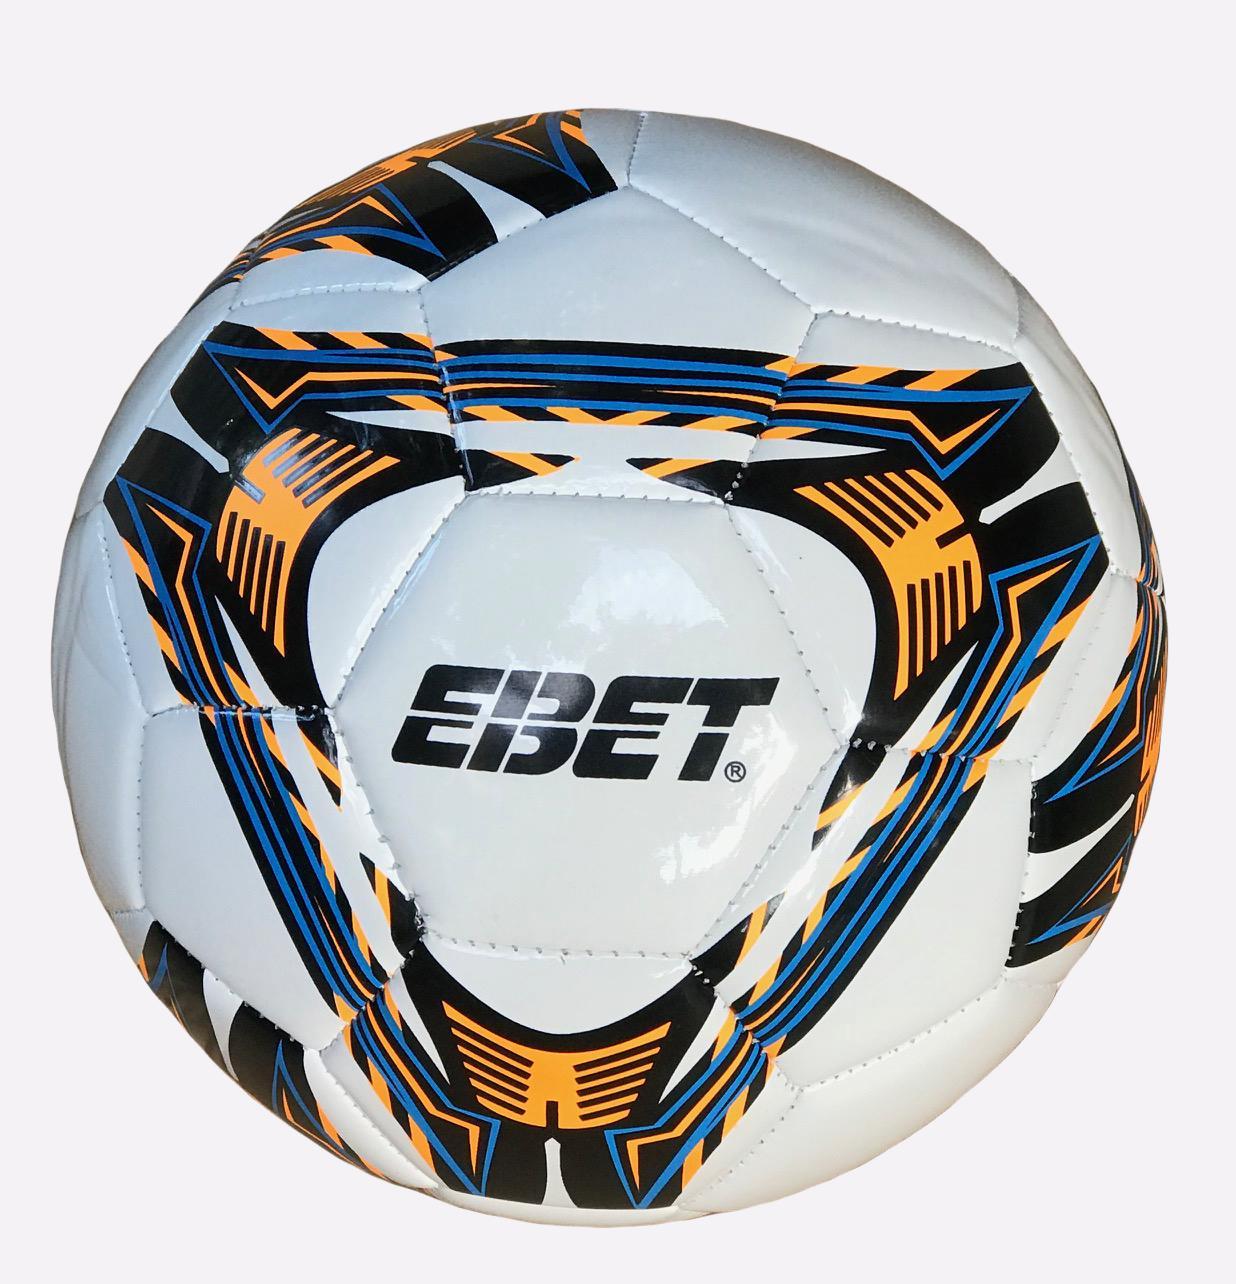 Hình ảnh Bóng đá Động Lực số 5 Hoa EBET (Hàng nhập khẩu) + Tặng kim bơm bóng